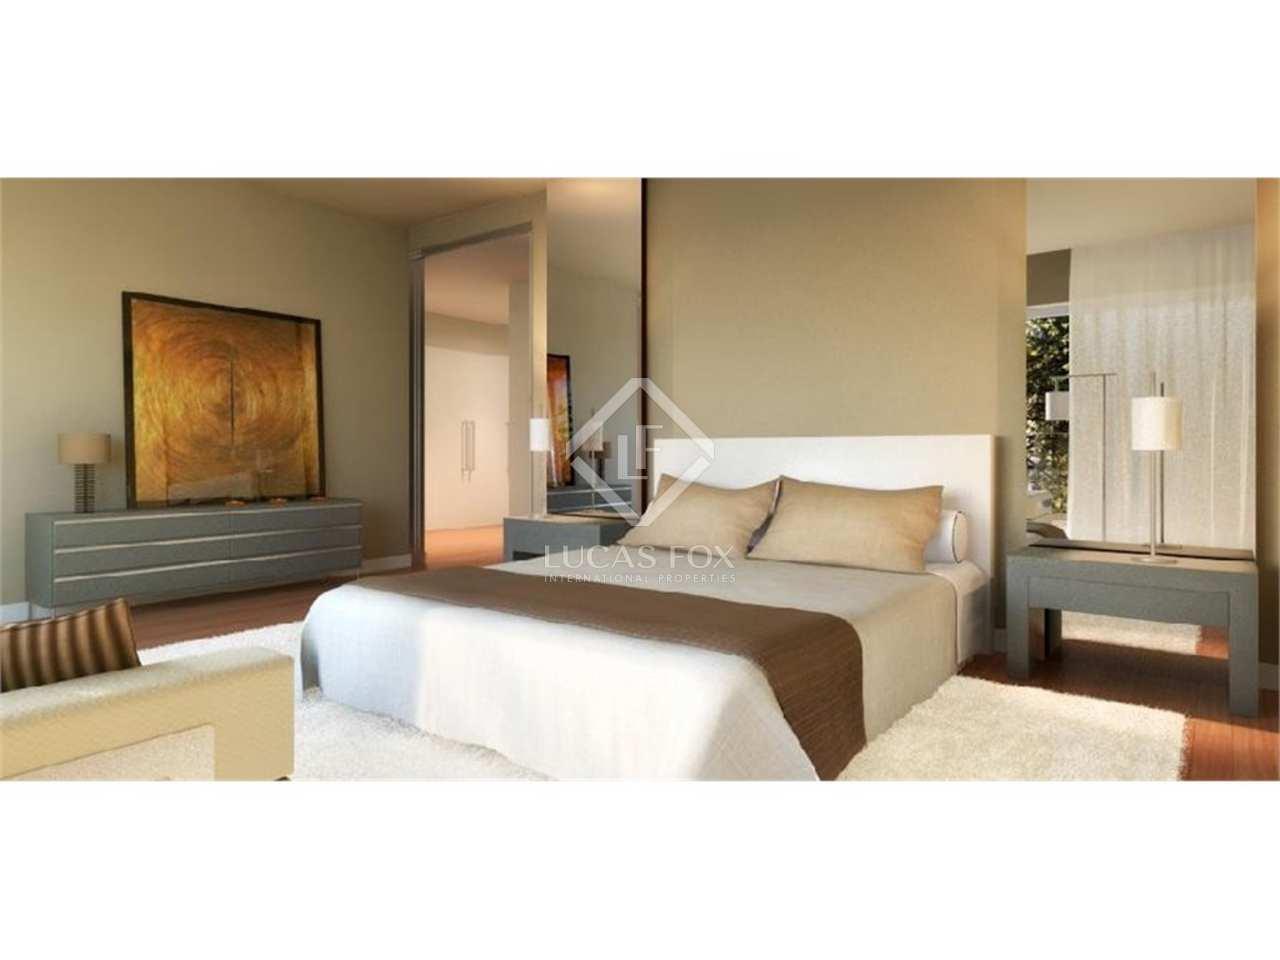 248m wohnung zum verkauf in lissabon stadt portugal. Black Bedroom Furniture Sets. Home Design Ideas